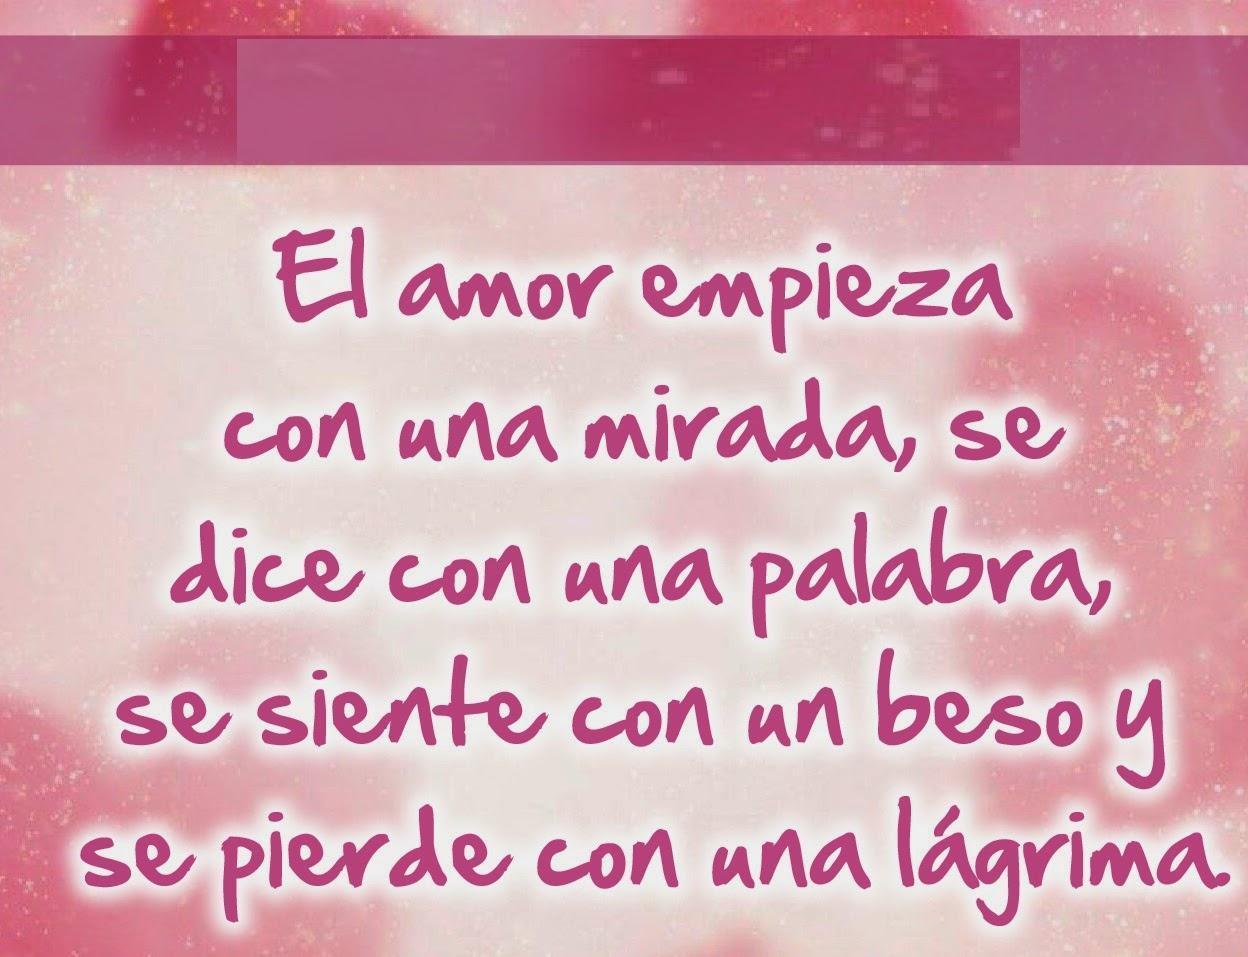 Imagenes Con Frases Romanticas: Imagenes Con Dedicaciones De Amor